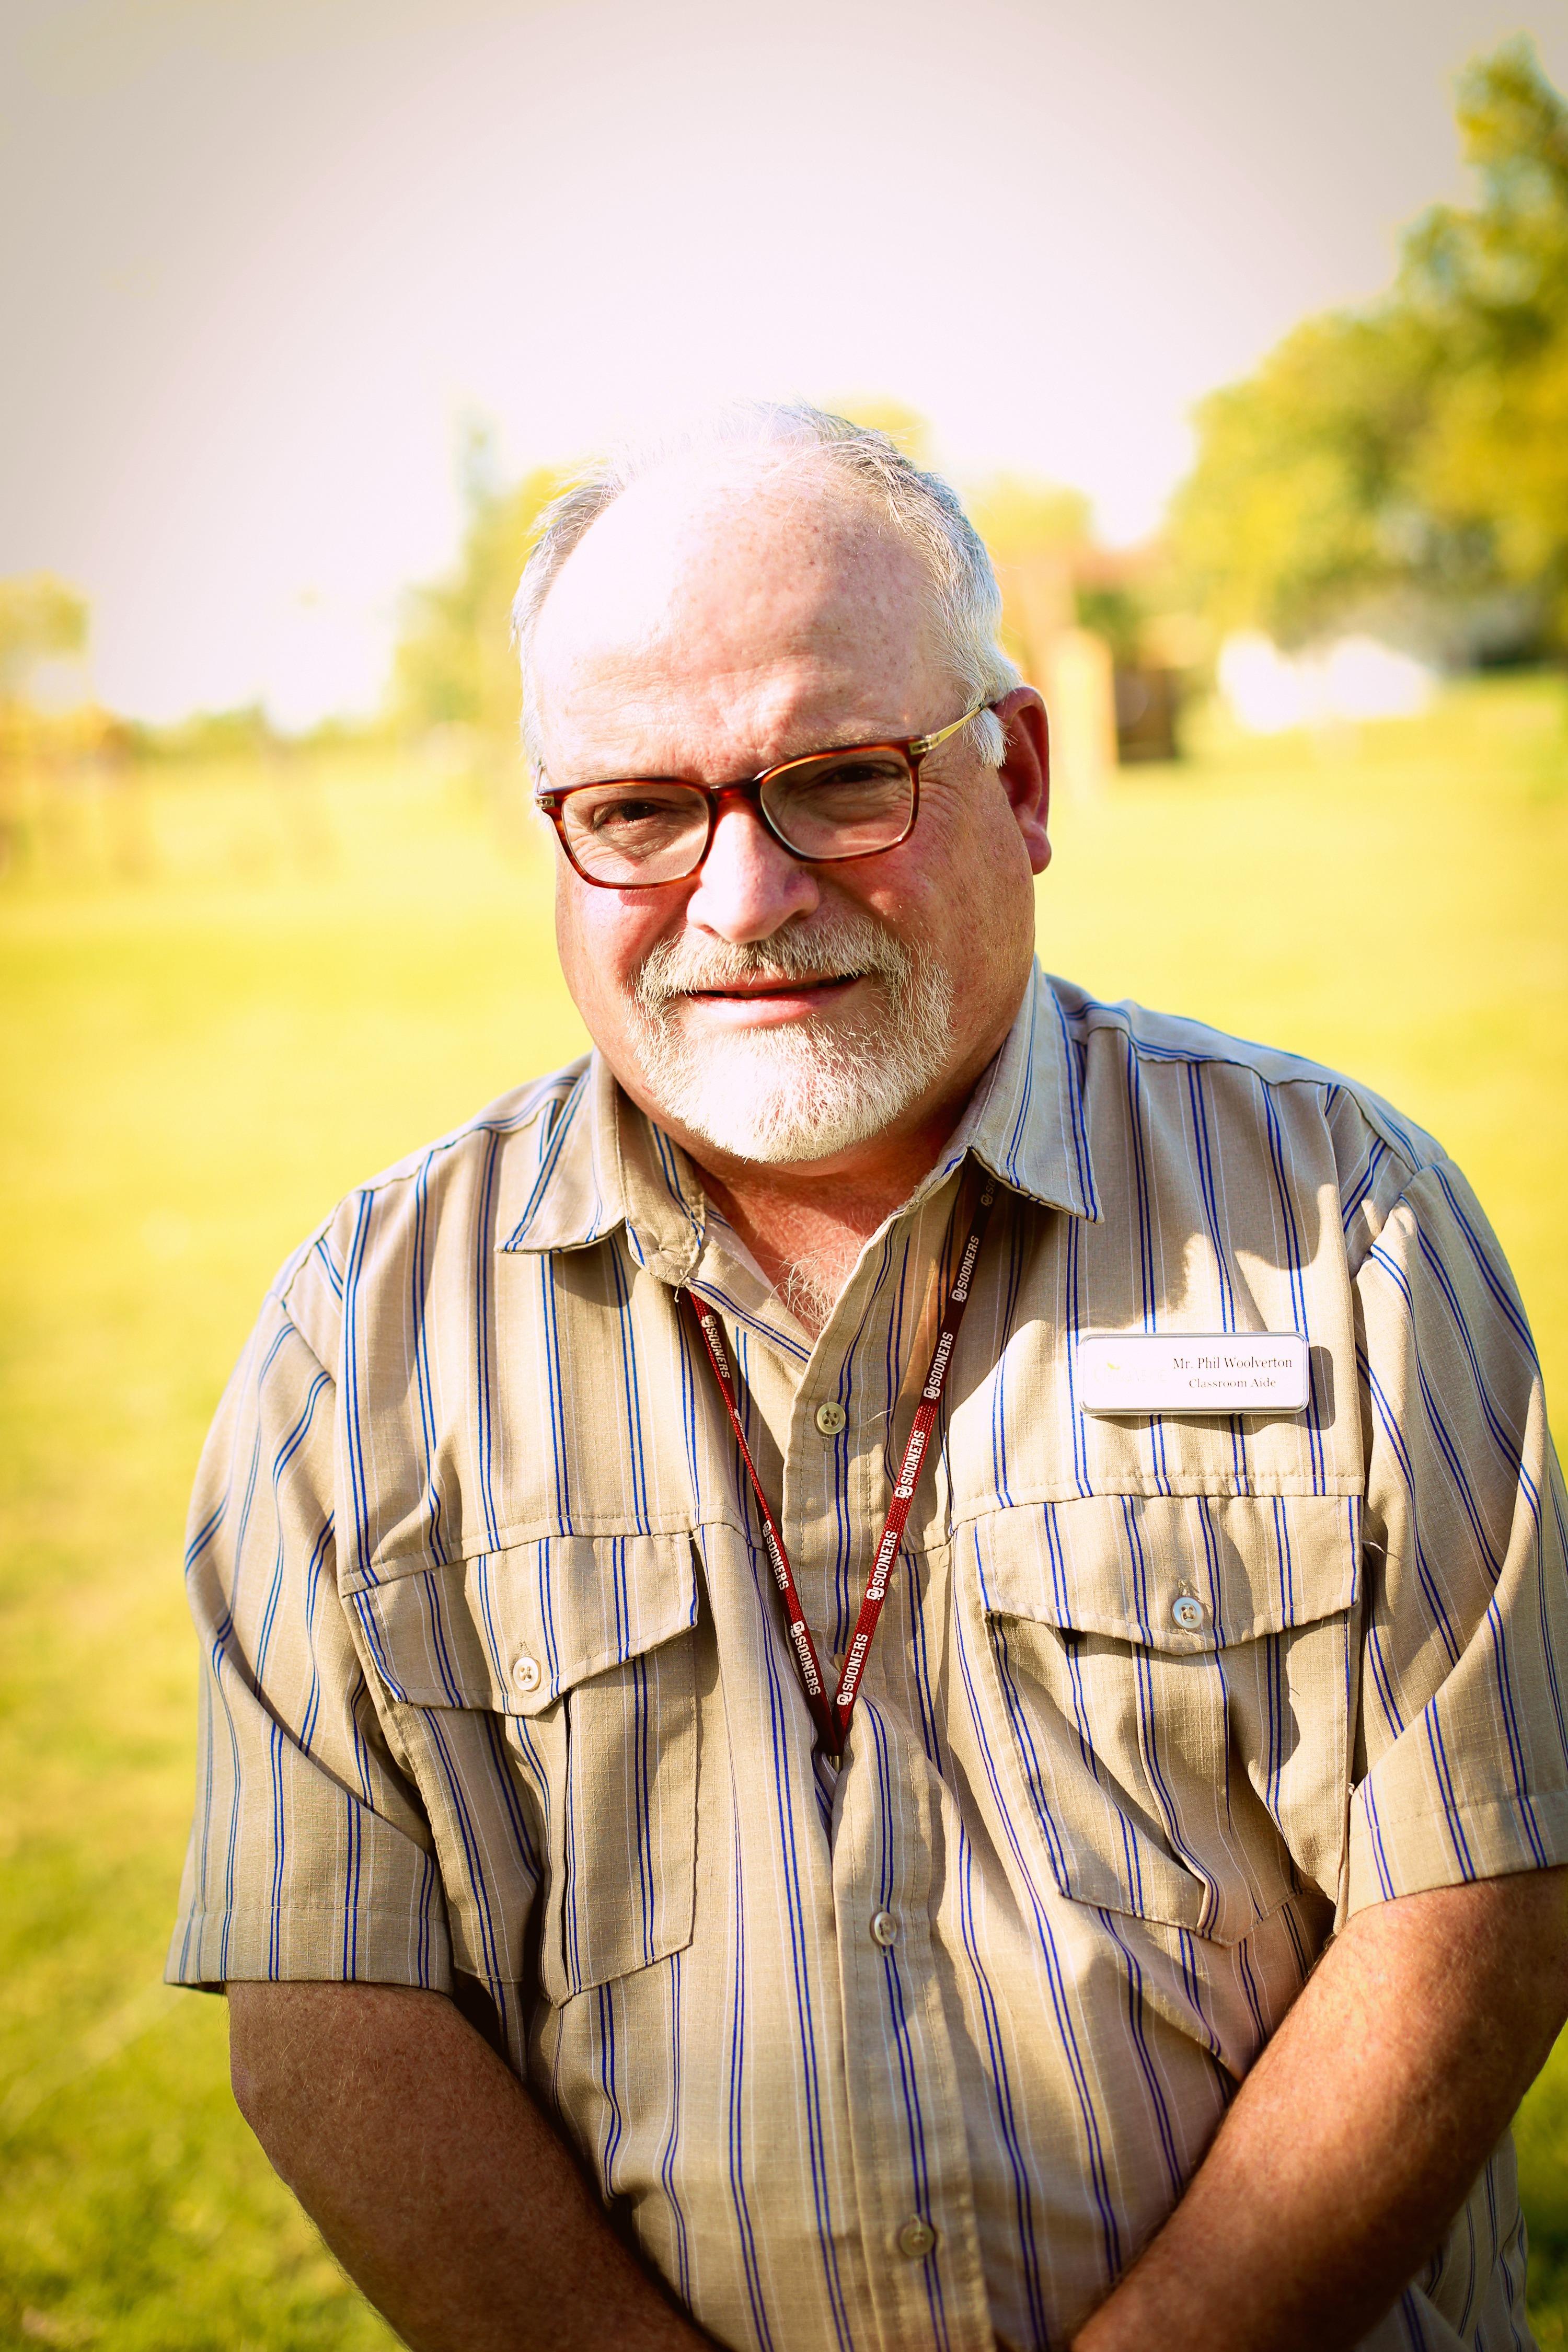 Phil Woolverton